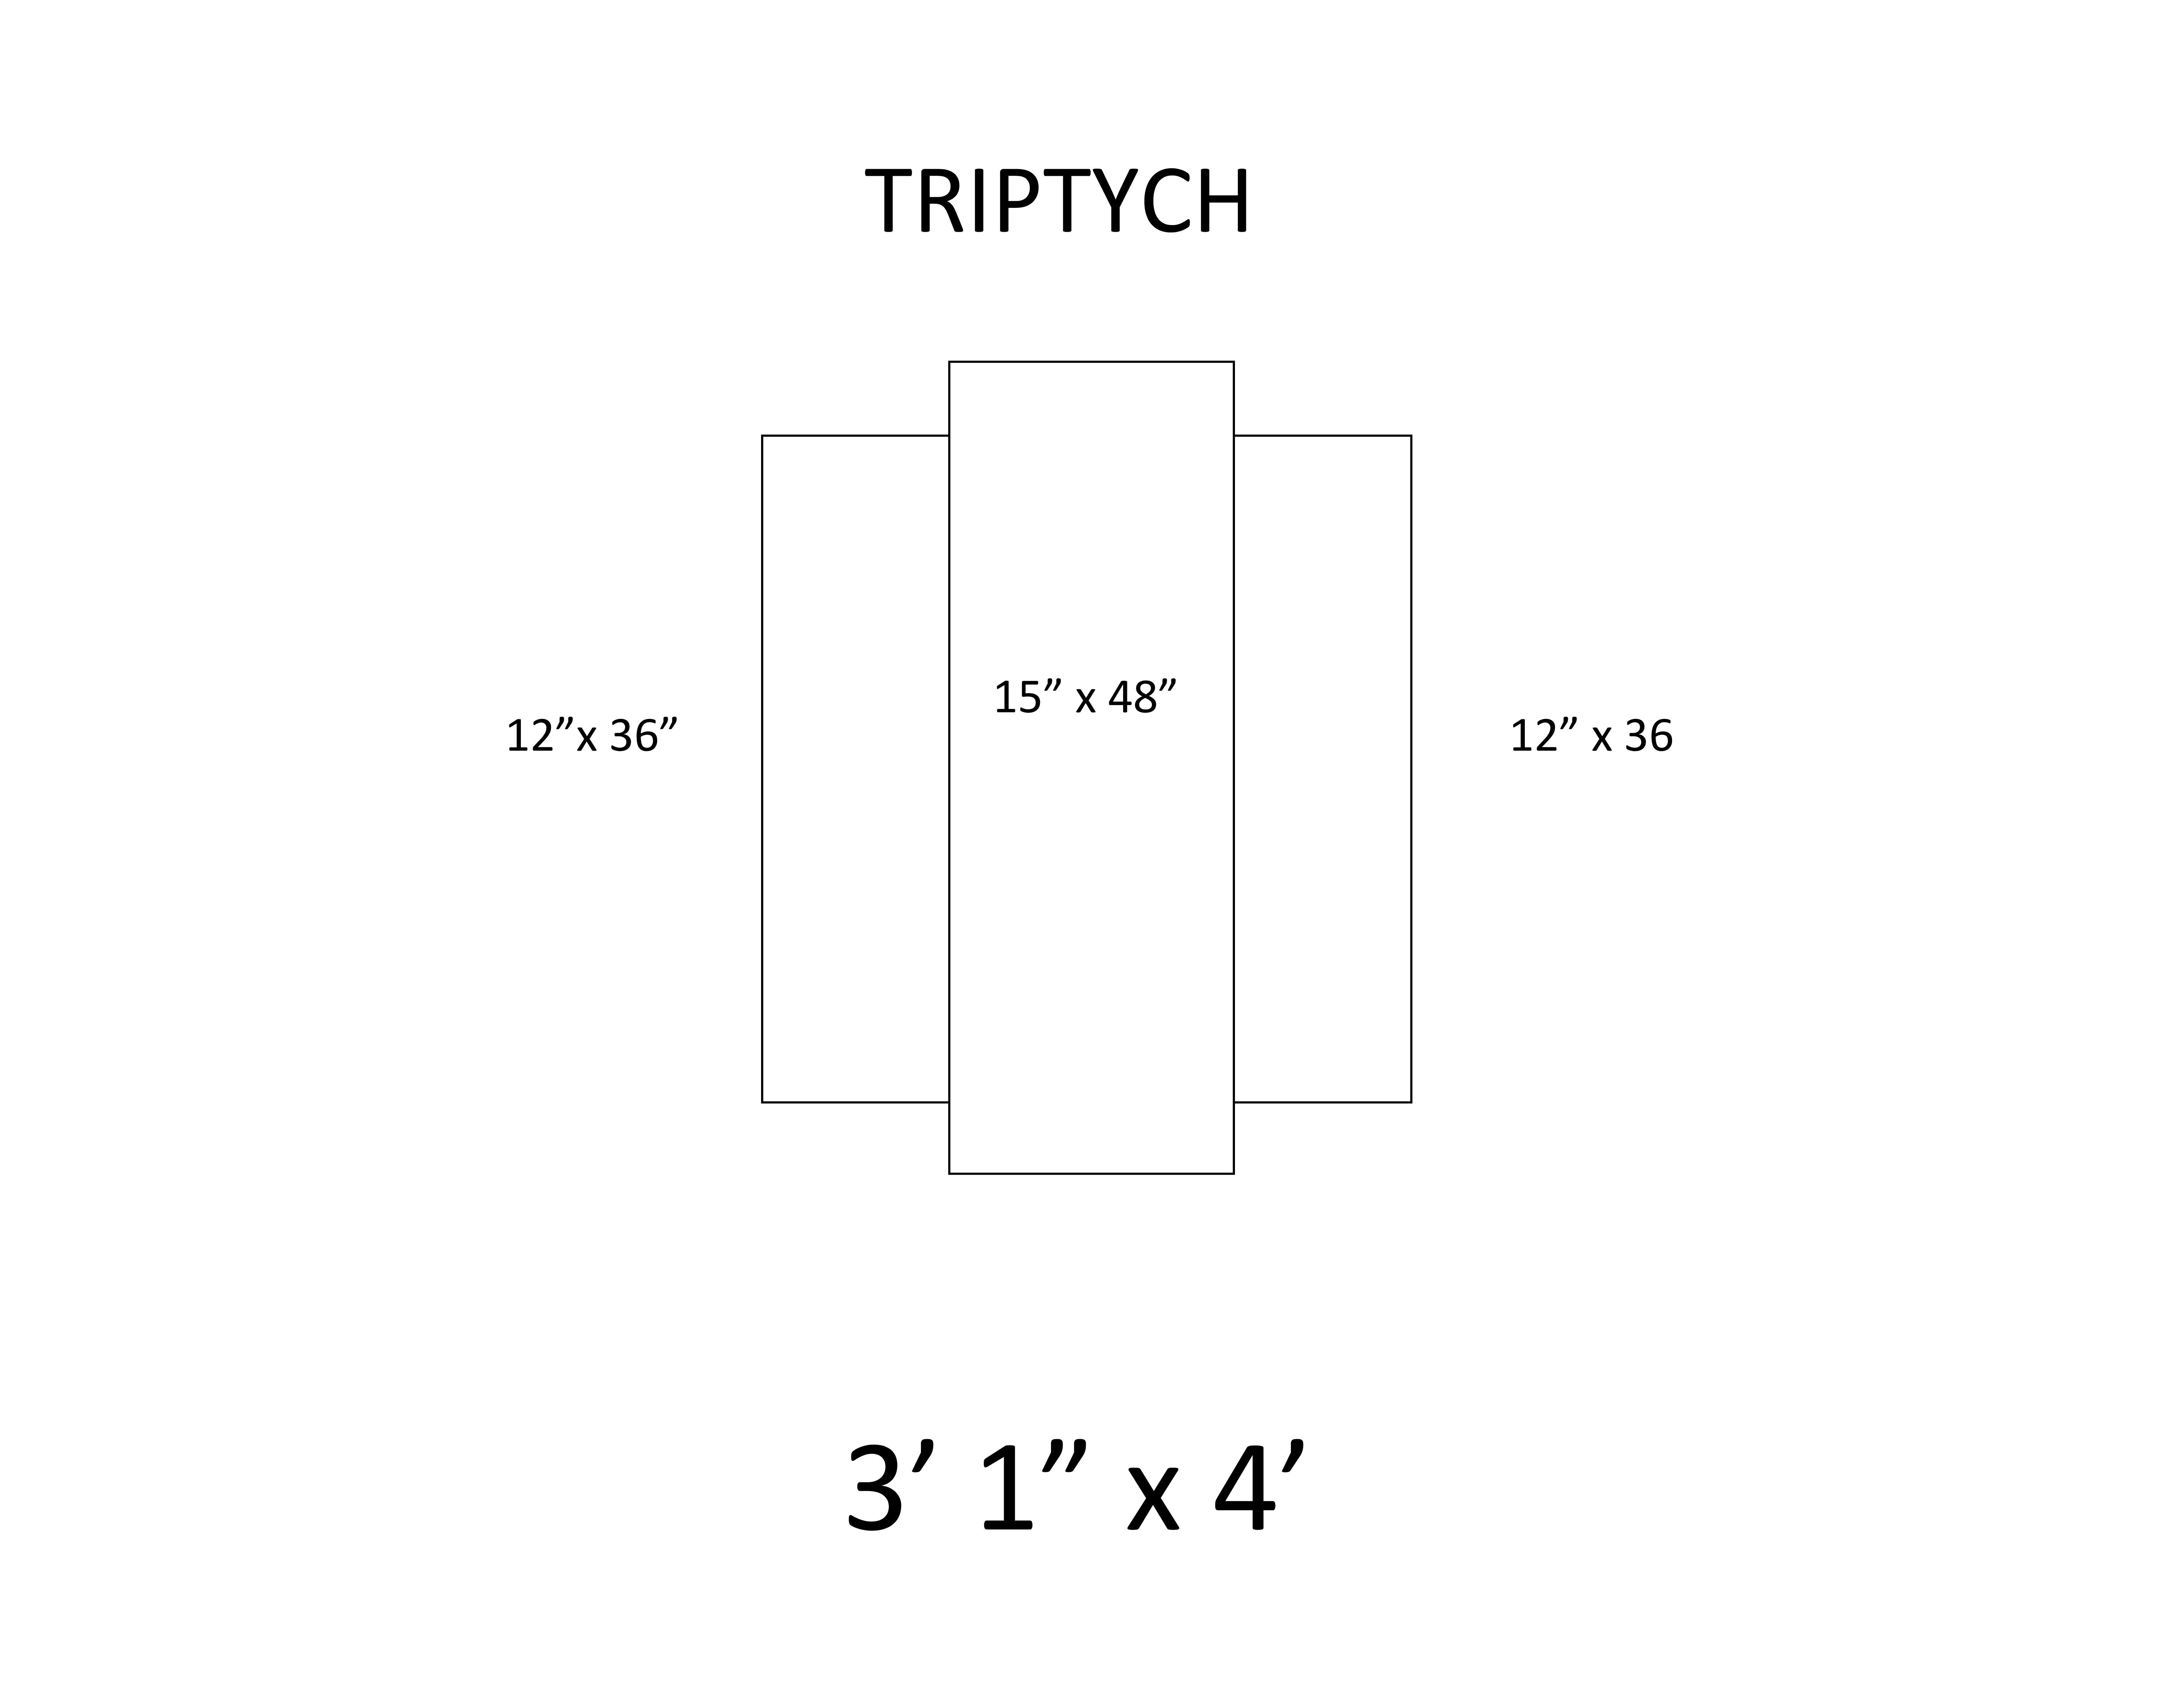 9 - Triptych